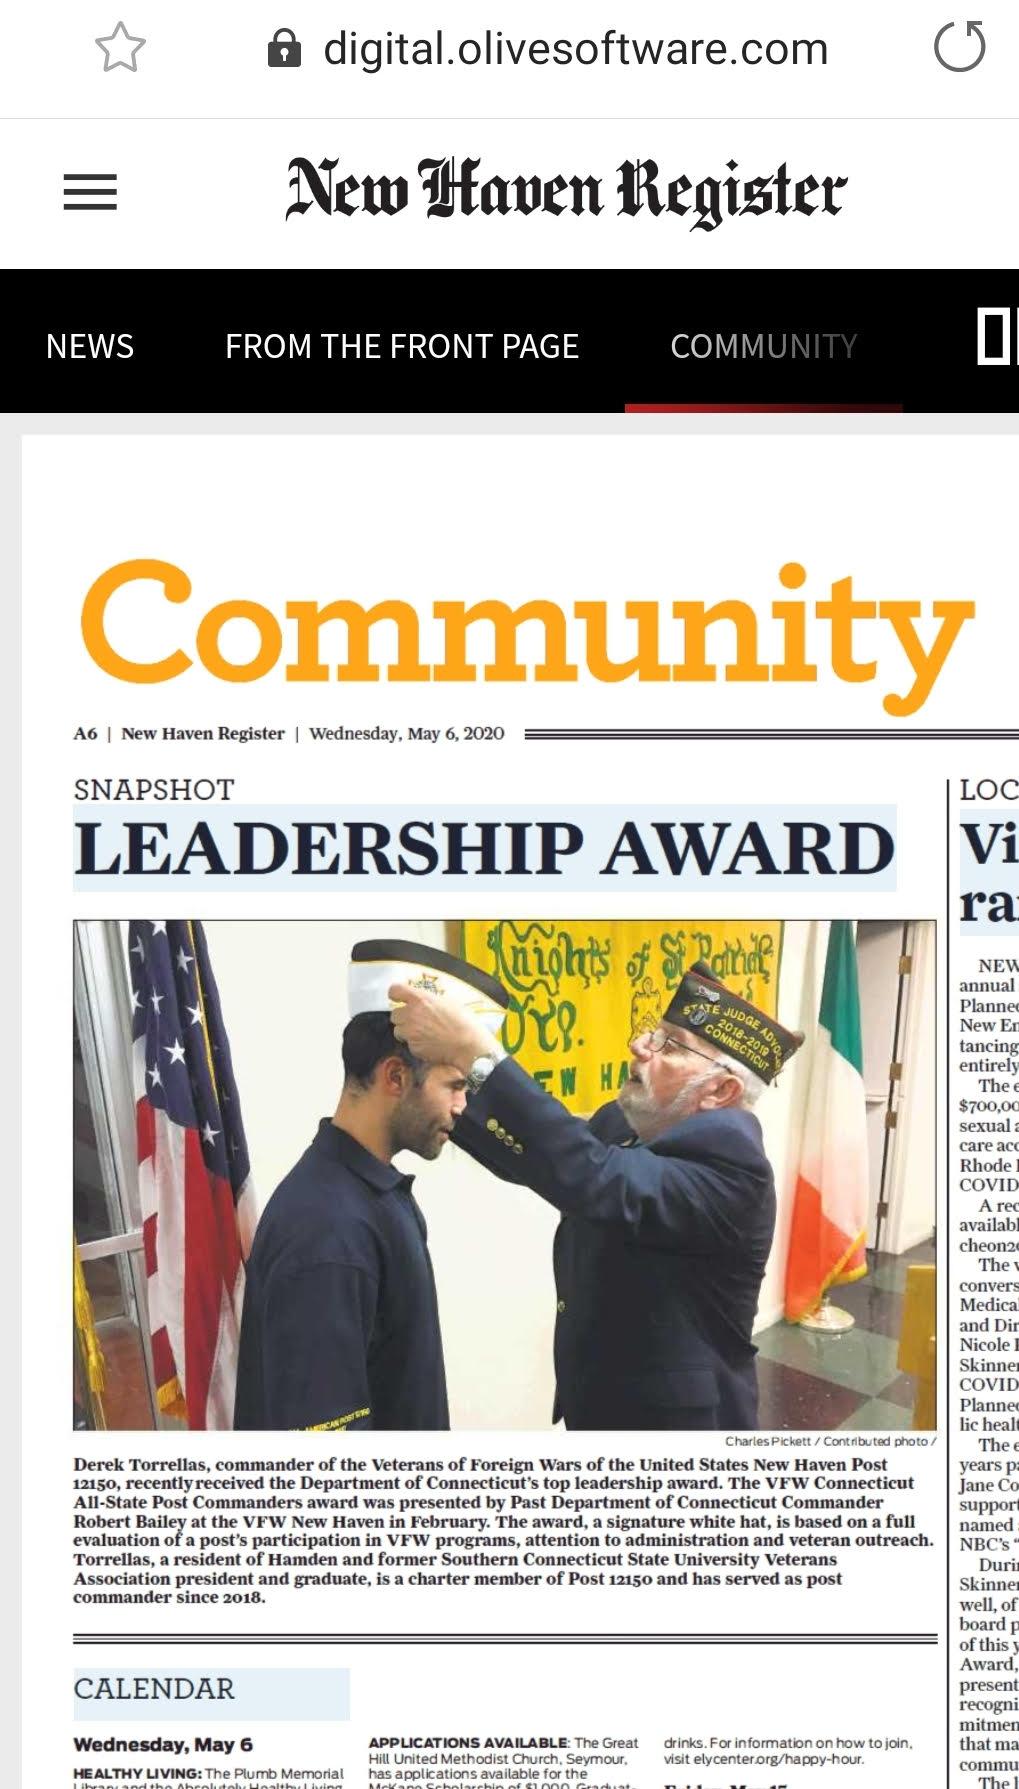 VFW Torrellas Award